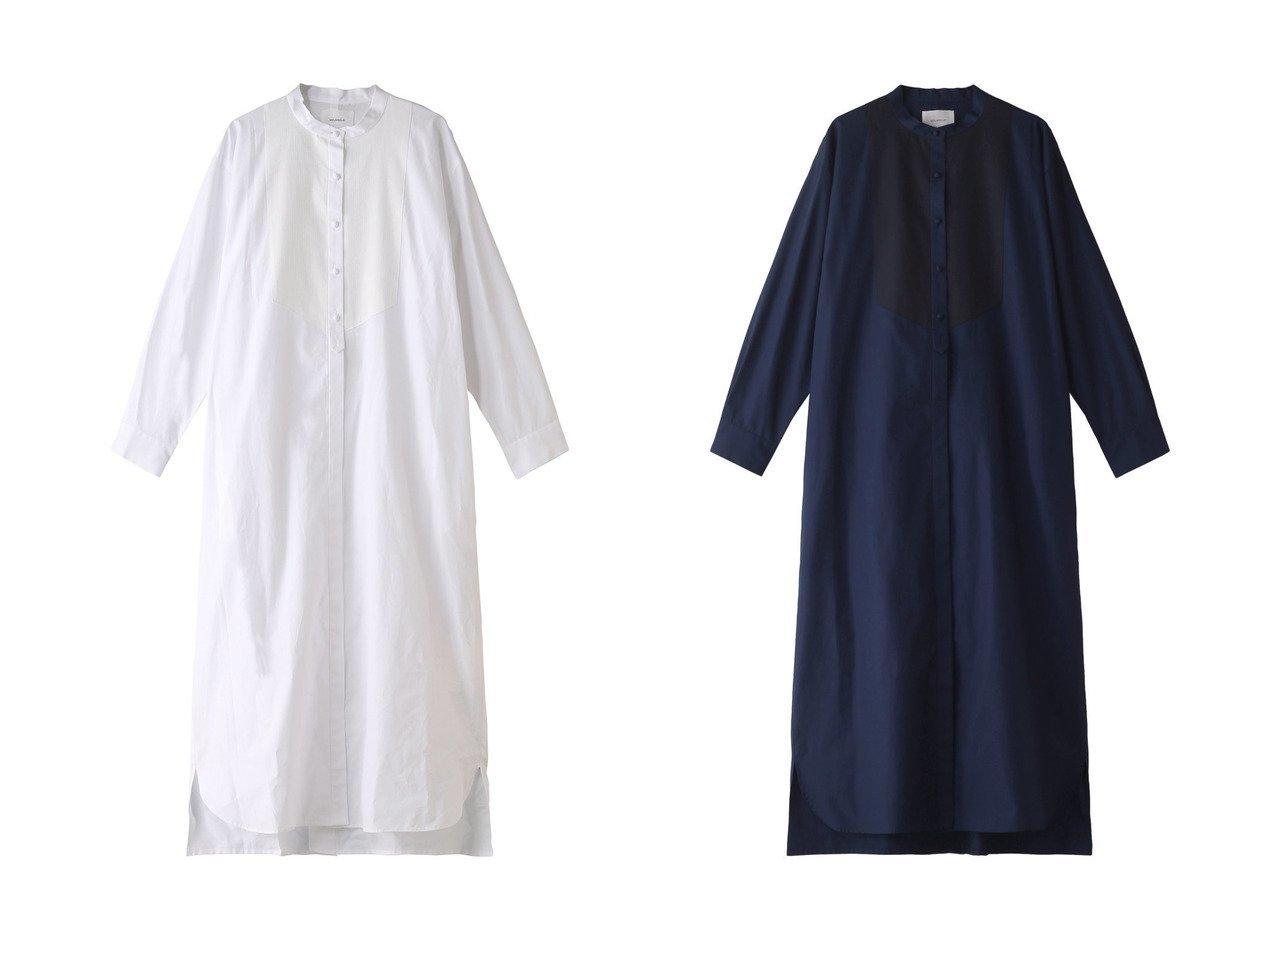 【MIDIUMISOLID/ミディウミソリッド】のmens like dress shirt OP 【ワンピース・ドレス】おすすめ!人気、トレンド・レディースファッションの通販  おすすめで人気の流行・トレンド、ファッションの通販商品 メンズファッション・キッズファッション・インテリア・家具・レディースファッション・服の通販 founy(ファニー) https://founy.com/ ファッション Fashion レディースファッション WOMEN ワンピース Dress ドレス Party Dresses 2021年 2021 2021春夏・S/S SS/Spring/Summer/2021 S/S・春夏 SS・Spring/Summer クラシック スタンド フロント ロング 春 Spring  ID:crp329100000028256